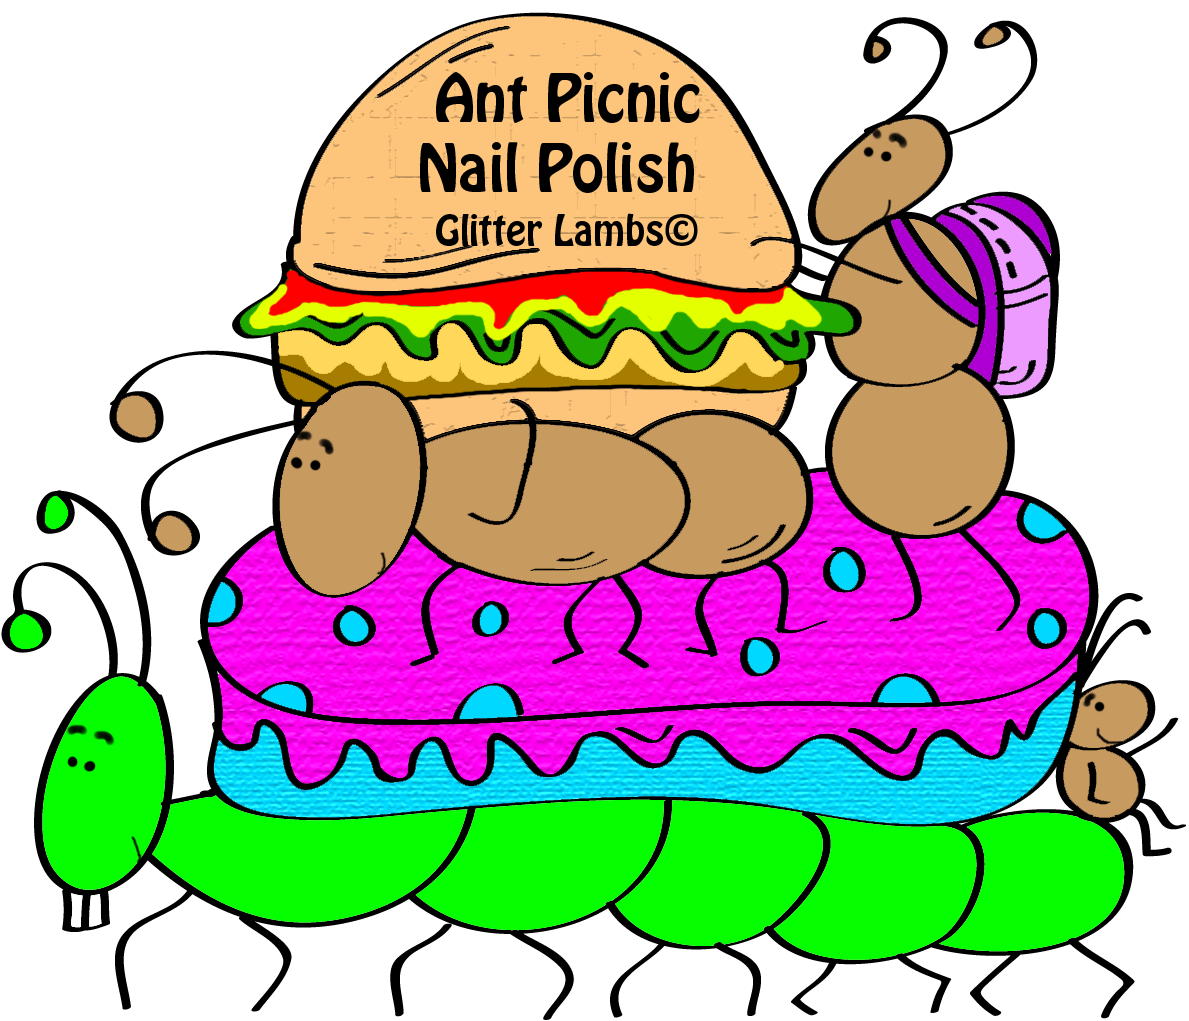 Ant Picnic Glitter Nail Polish